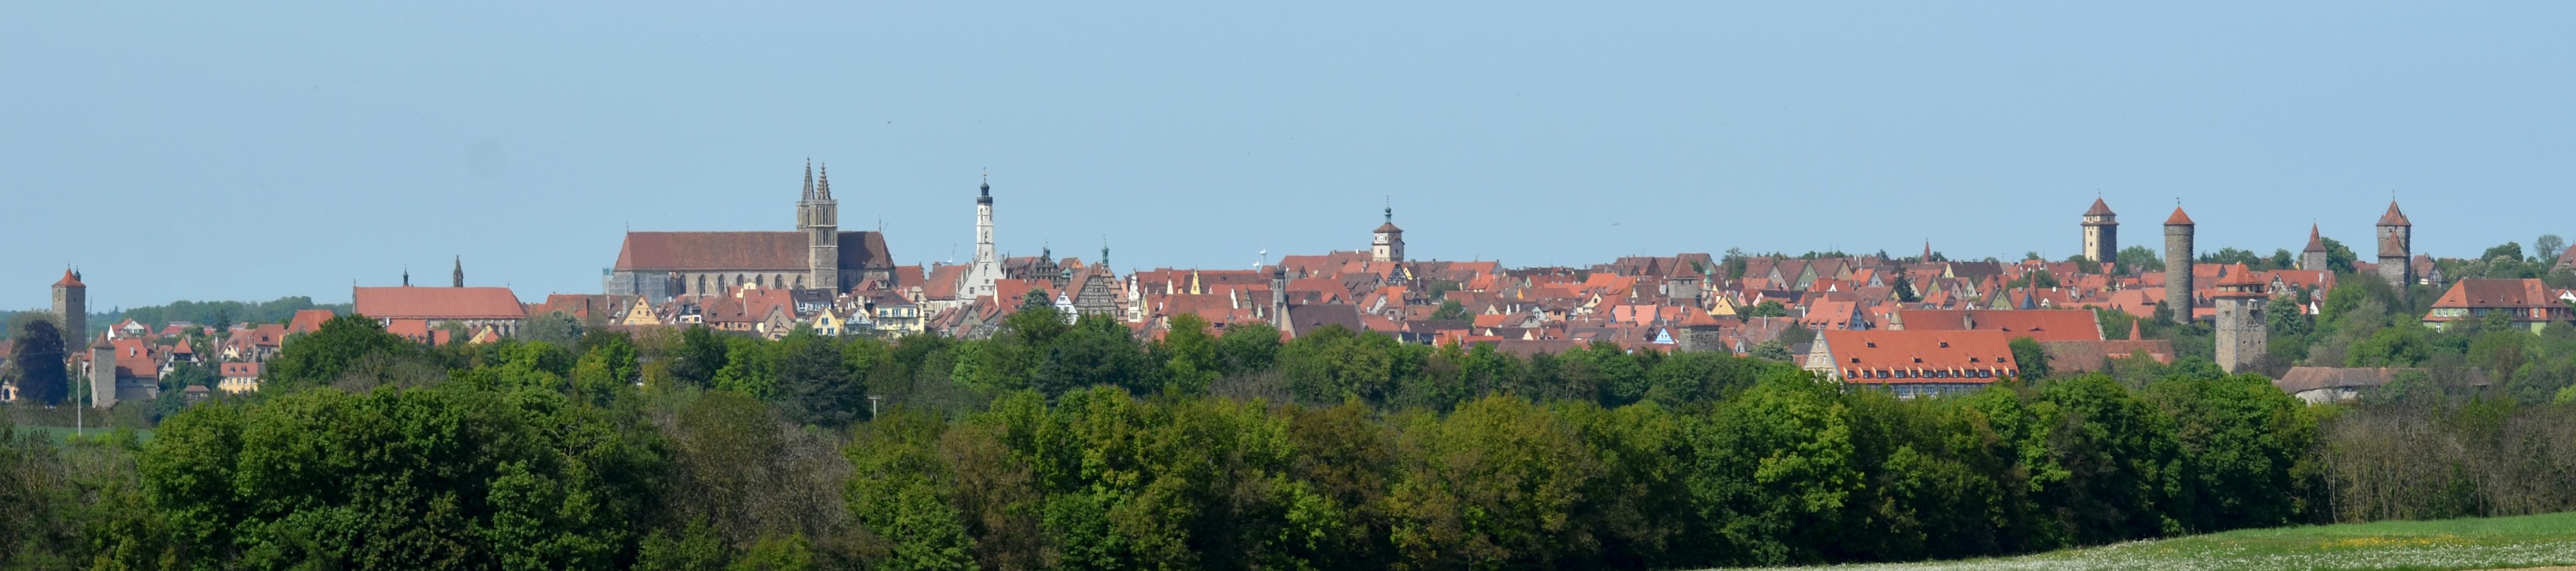 Rothenburg Ob Der Tauber Hotel Rothenburger Hof